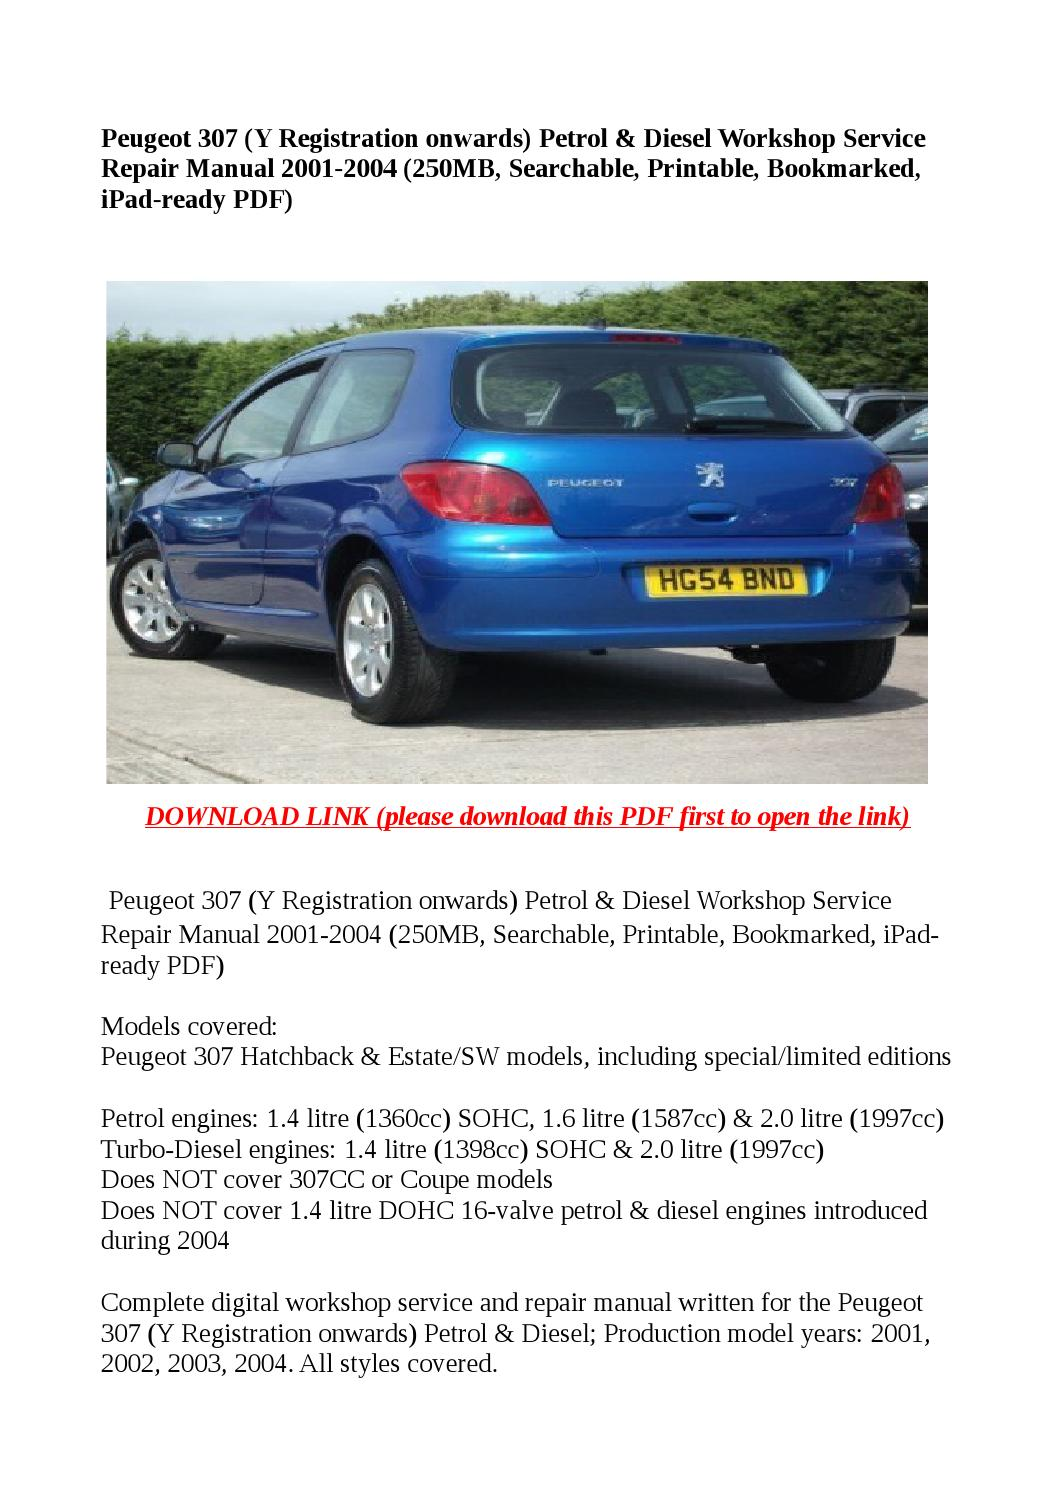 Peugeot 307  Y Registration Onwards  Petrol  U0026 Diesel